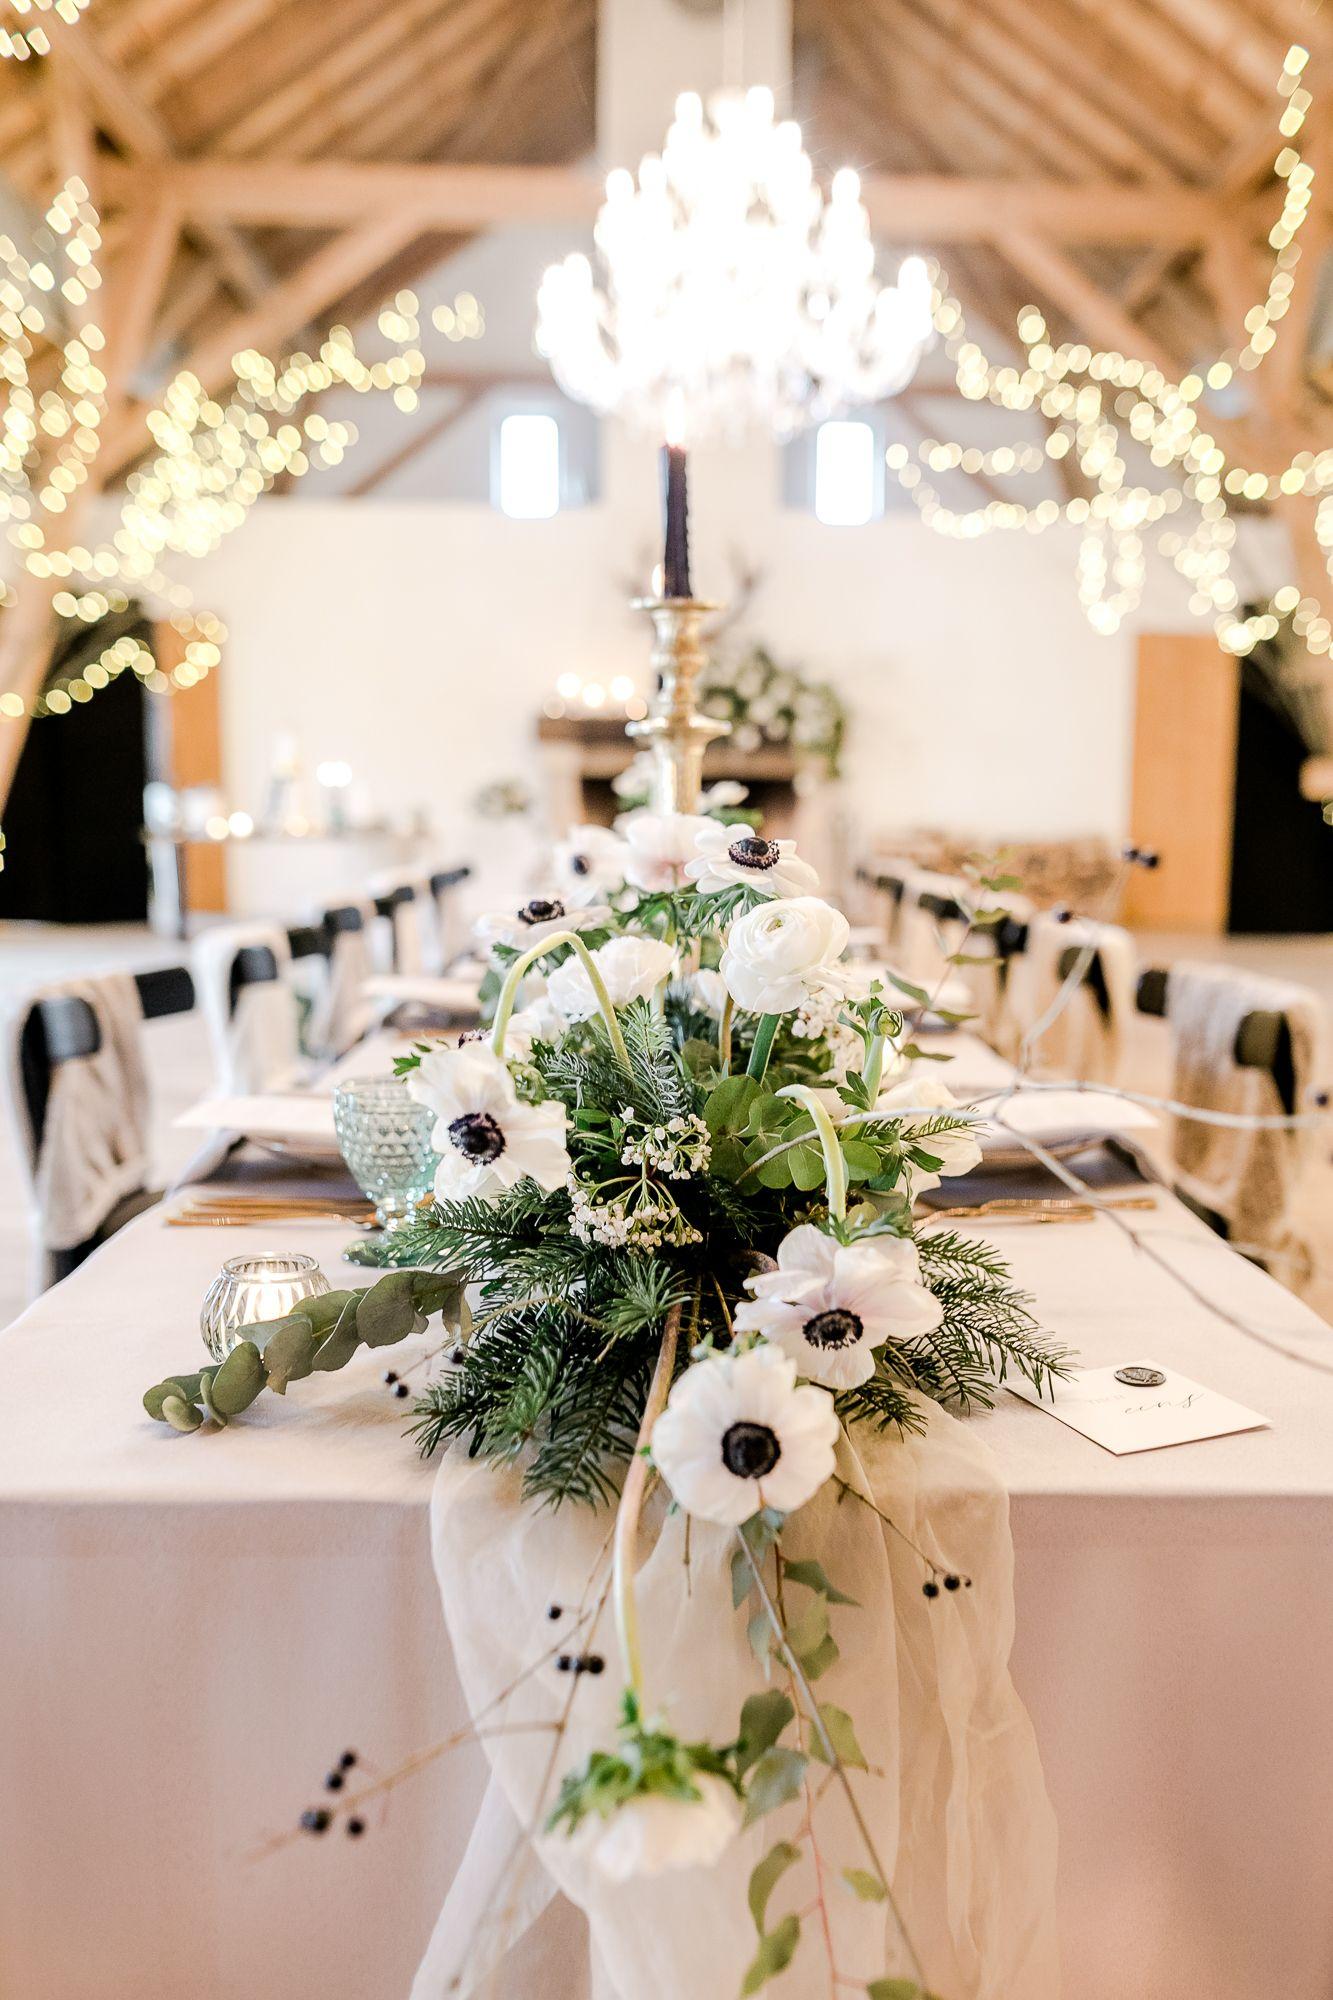 Heiraten Im Winter Ideen Fur Eine Romantische Winterhochzeit In 2020 Tischdekoration Hochzeit Winterhochzeit Hochzeit